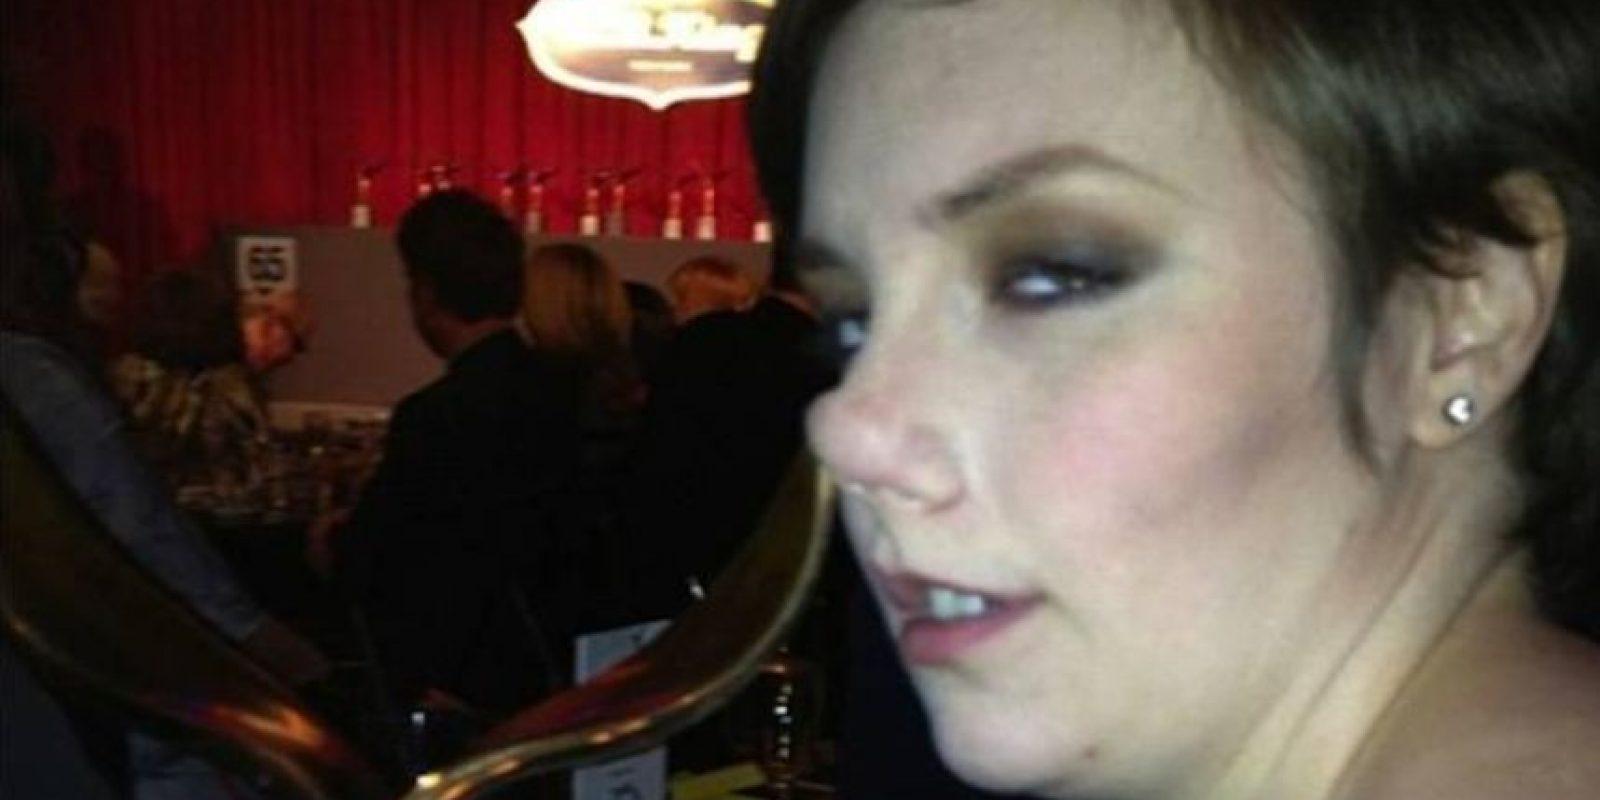 Lena Dunham también toma copas. Pero por la nariz. Foto:Instagram